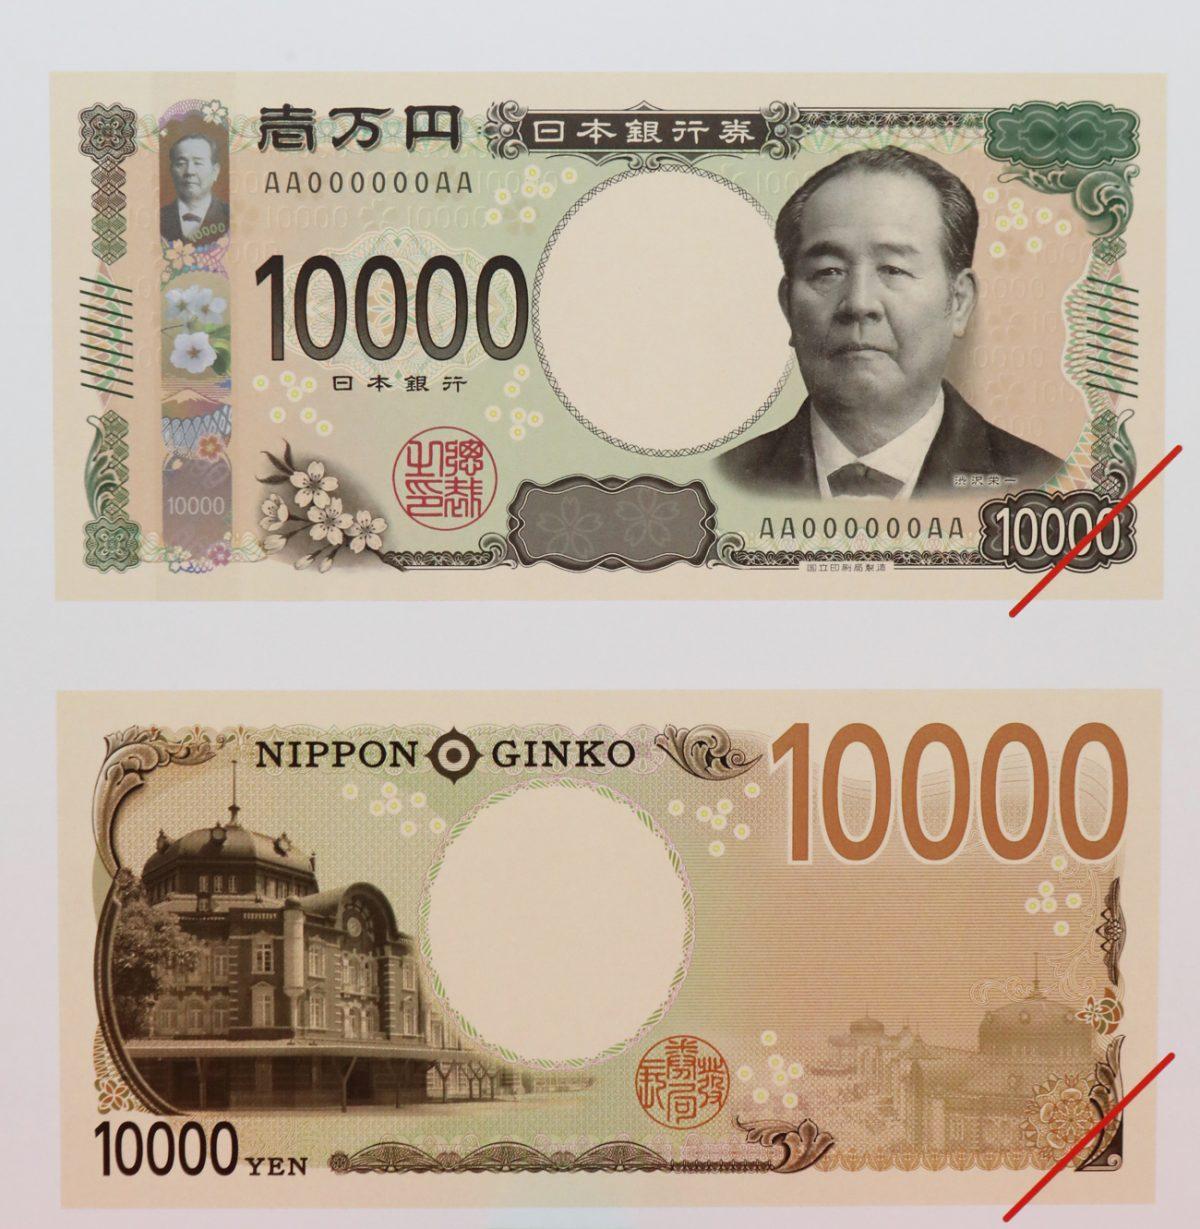 一問一報/新紙幣デザインイメージ